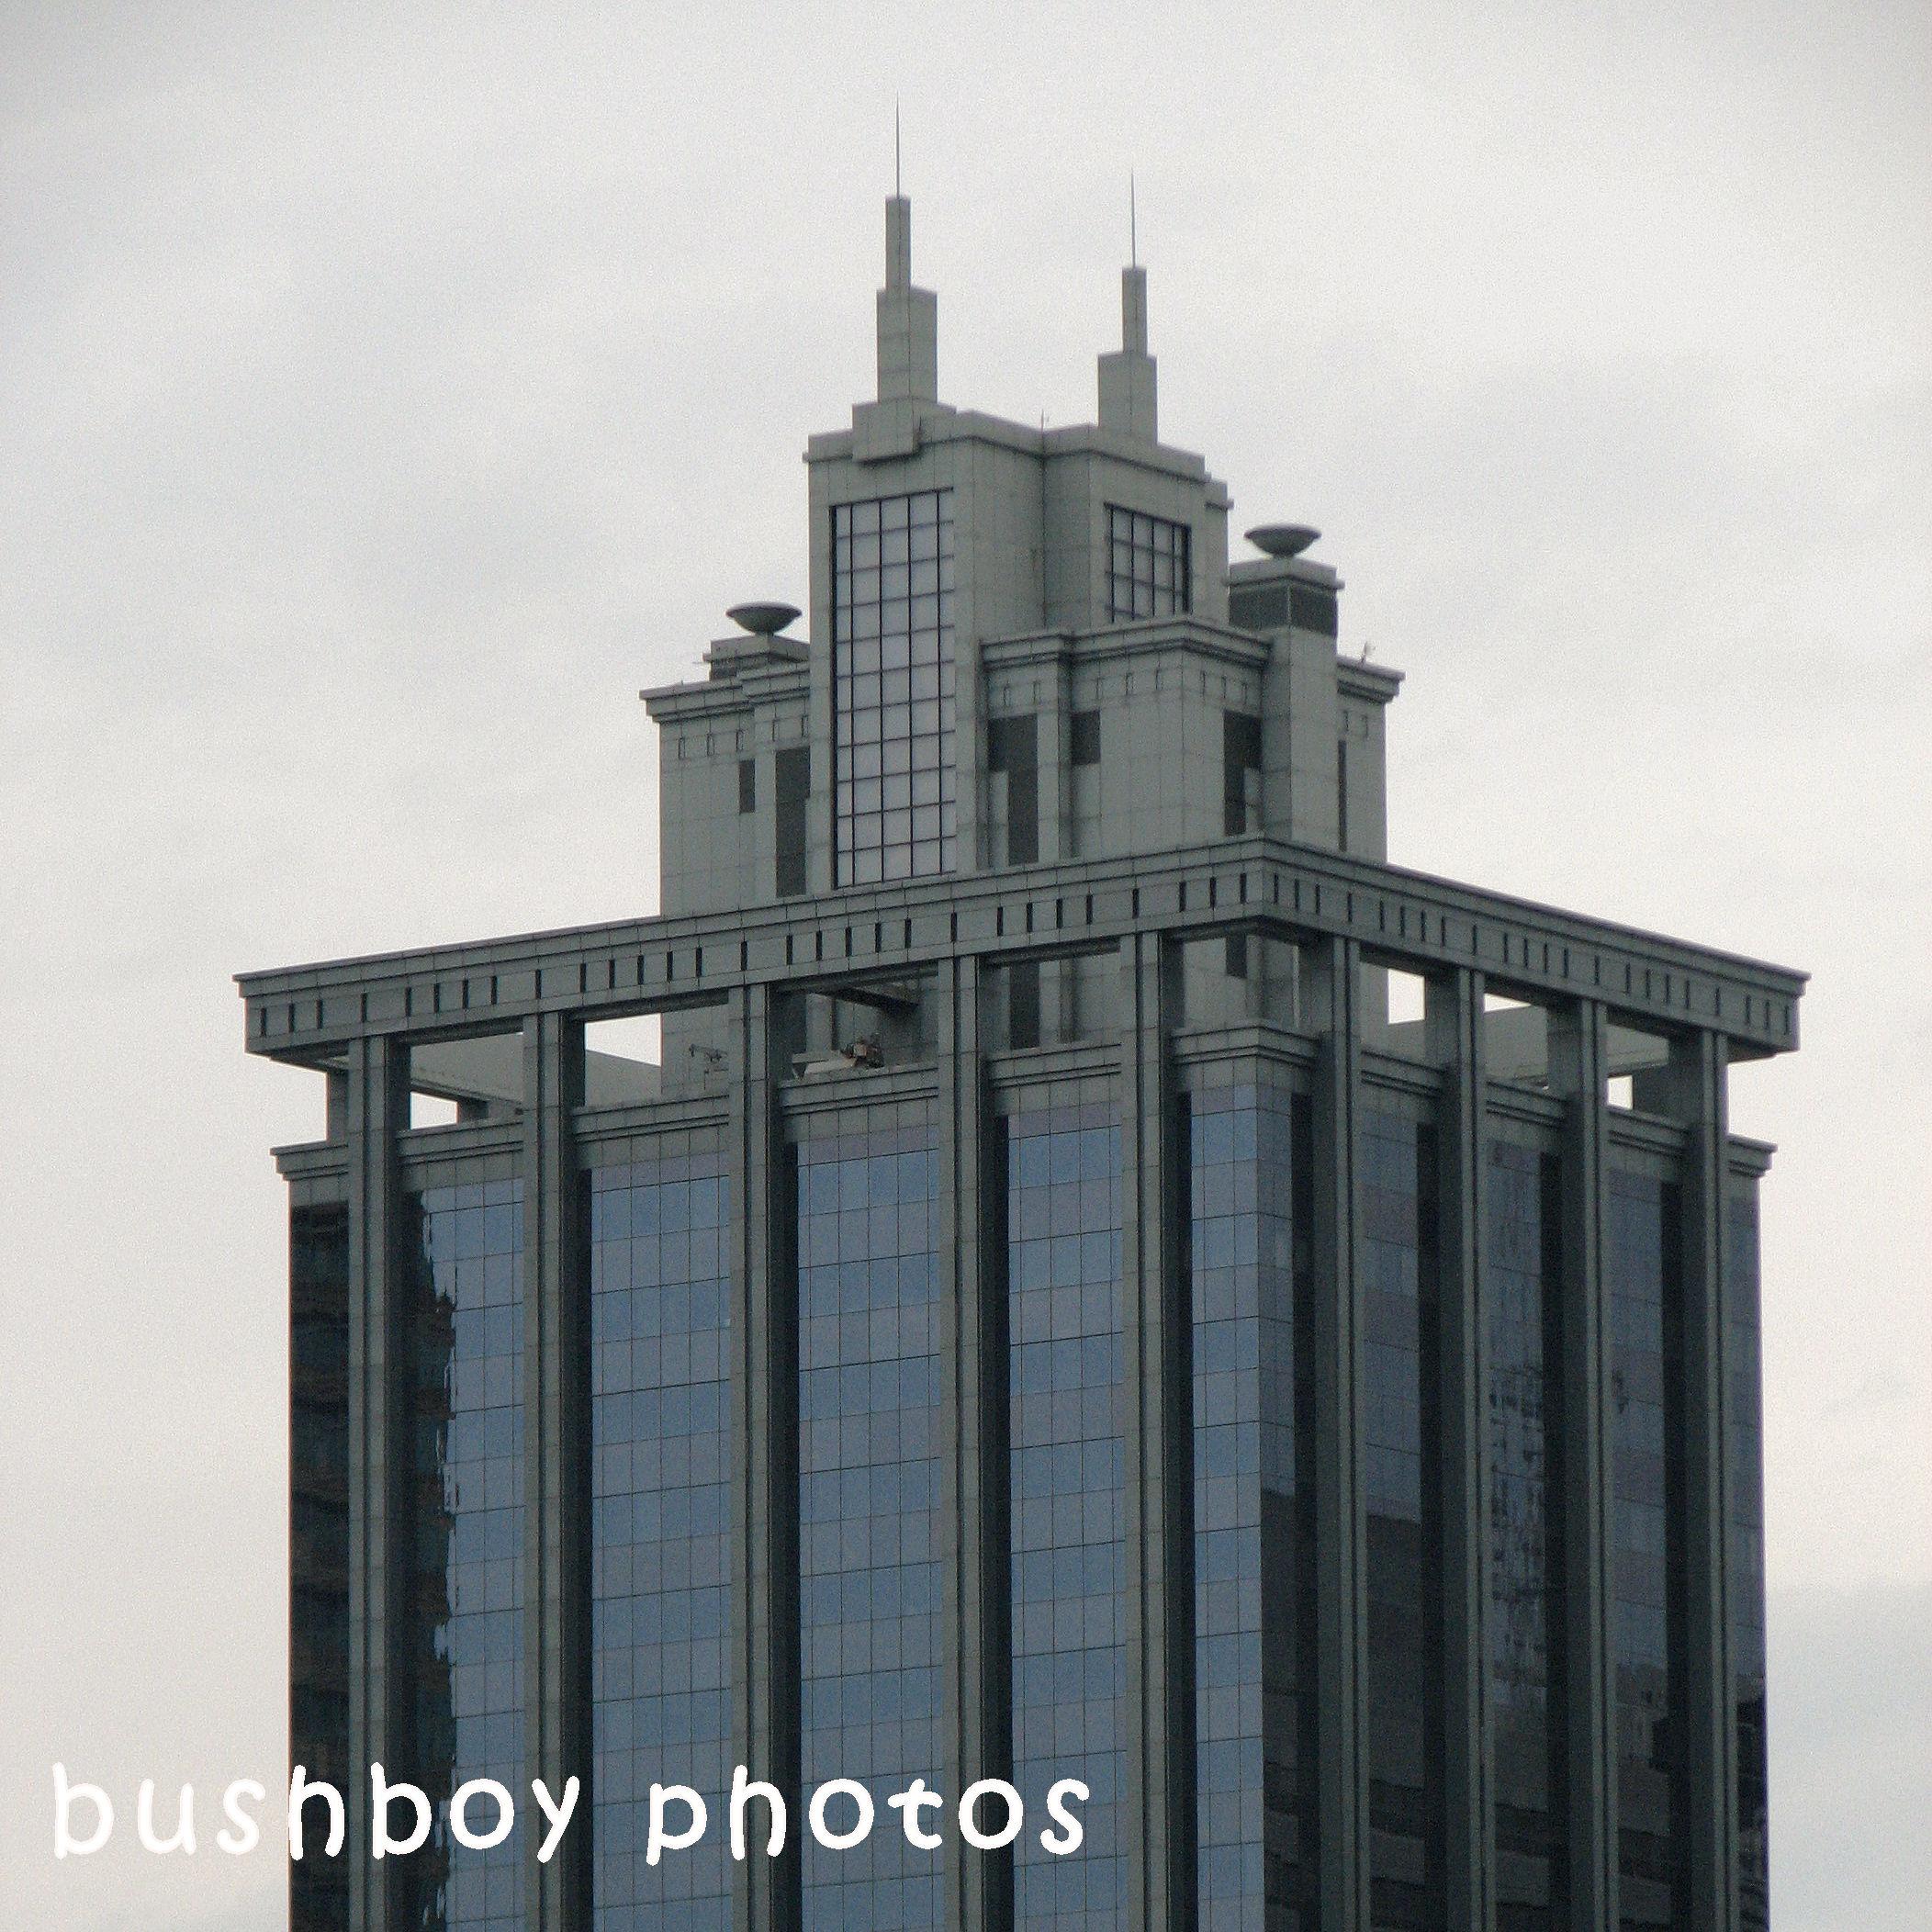 180626_square rooves_skyscraper_brisbane